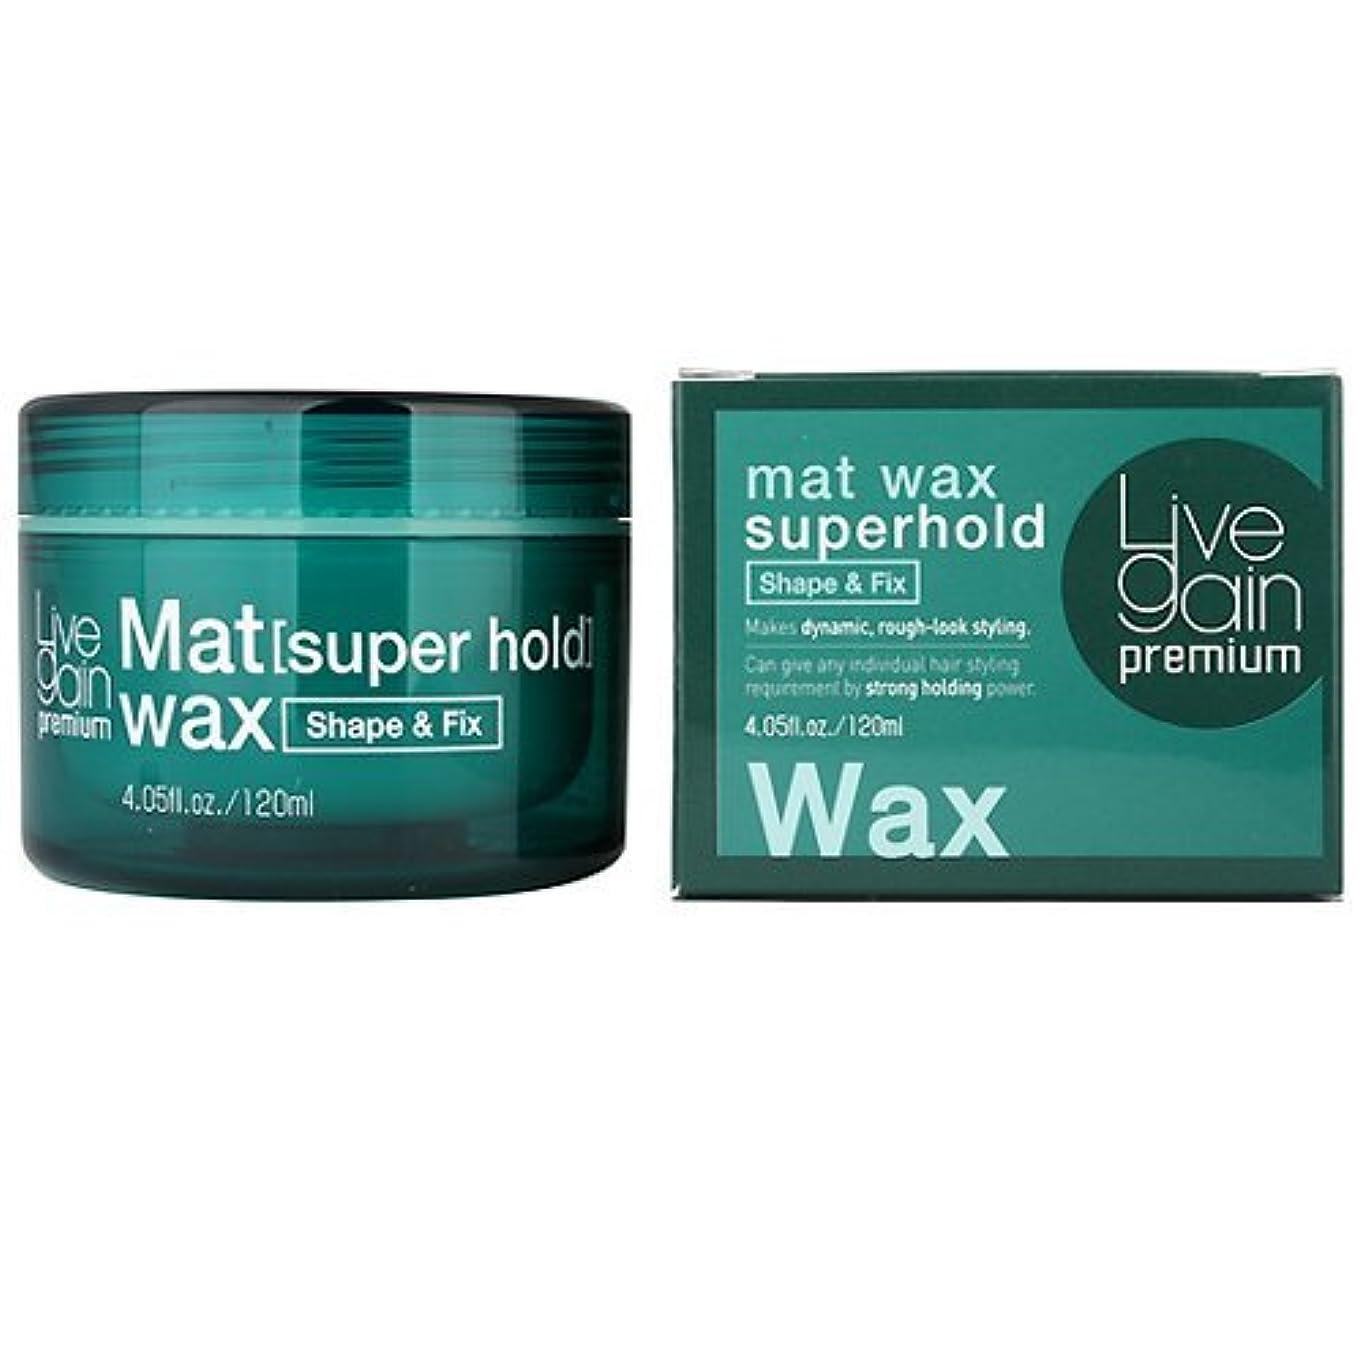 蒸発きらめくスクリューLivegain プレミアム マット ワックス スーパーホールド 120ml マット ヘア ワックス ストロング ホールド (Premium Mat Wax Superhold 120ml Matte Hair wax Strong Hold ) [並行輸入品]